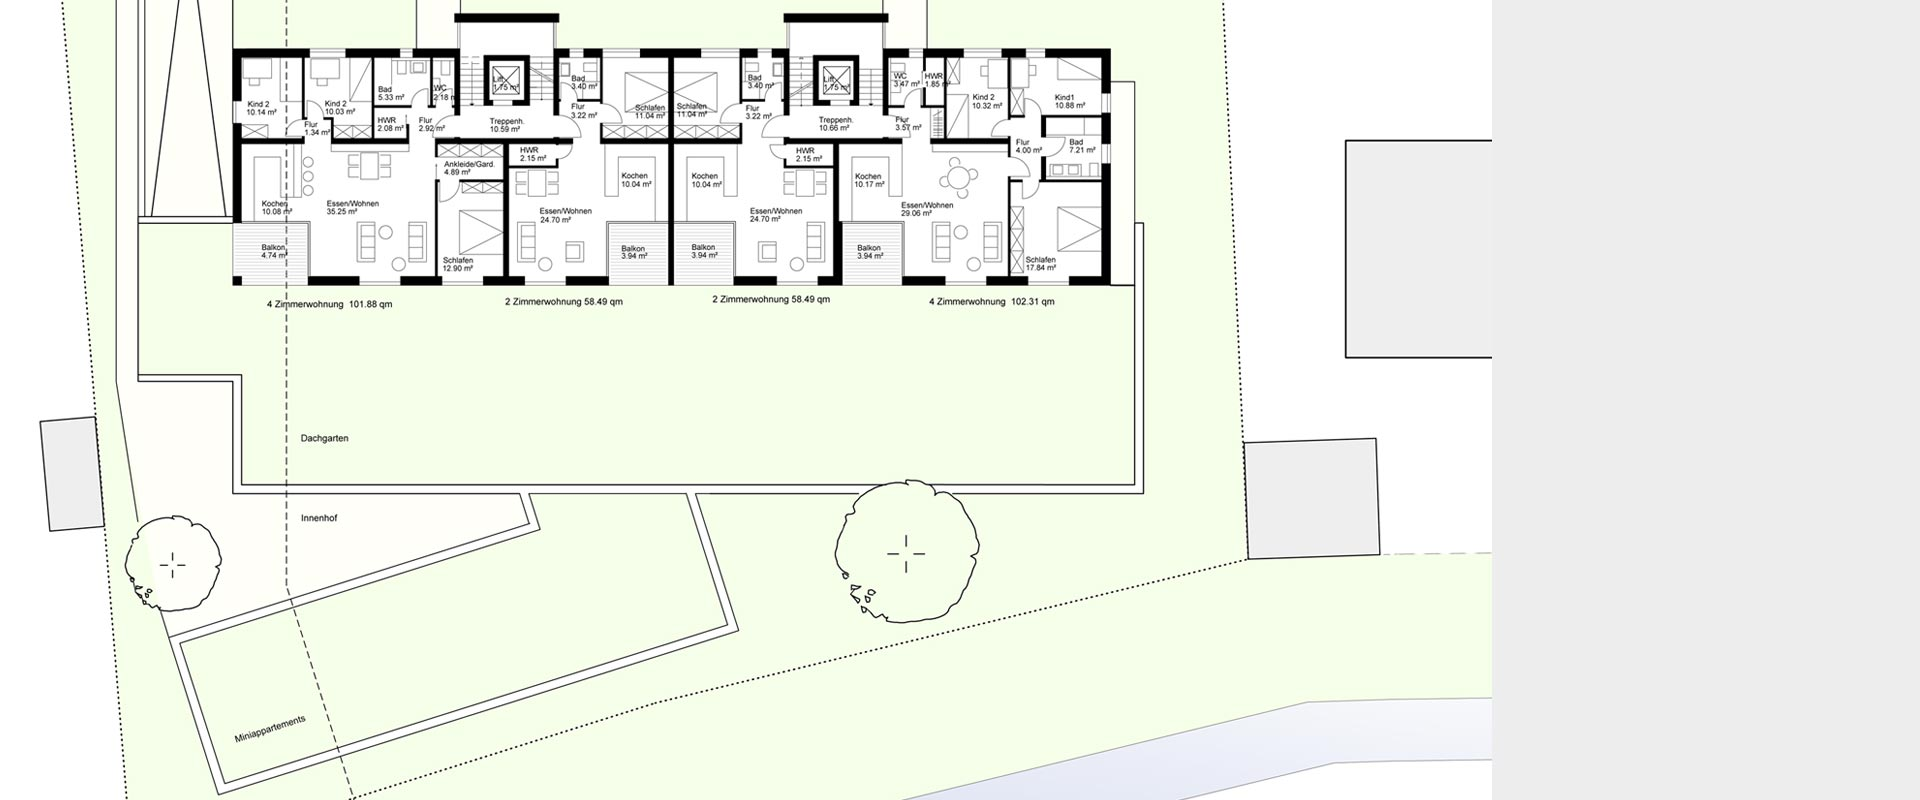 Architekturbüro Musahl Waldshut Wohnanlage Schaffhauser Straße in Tiengen GG